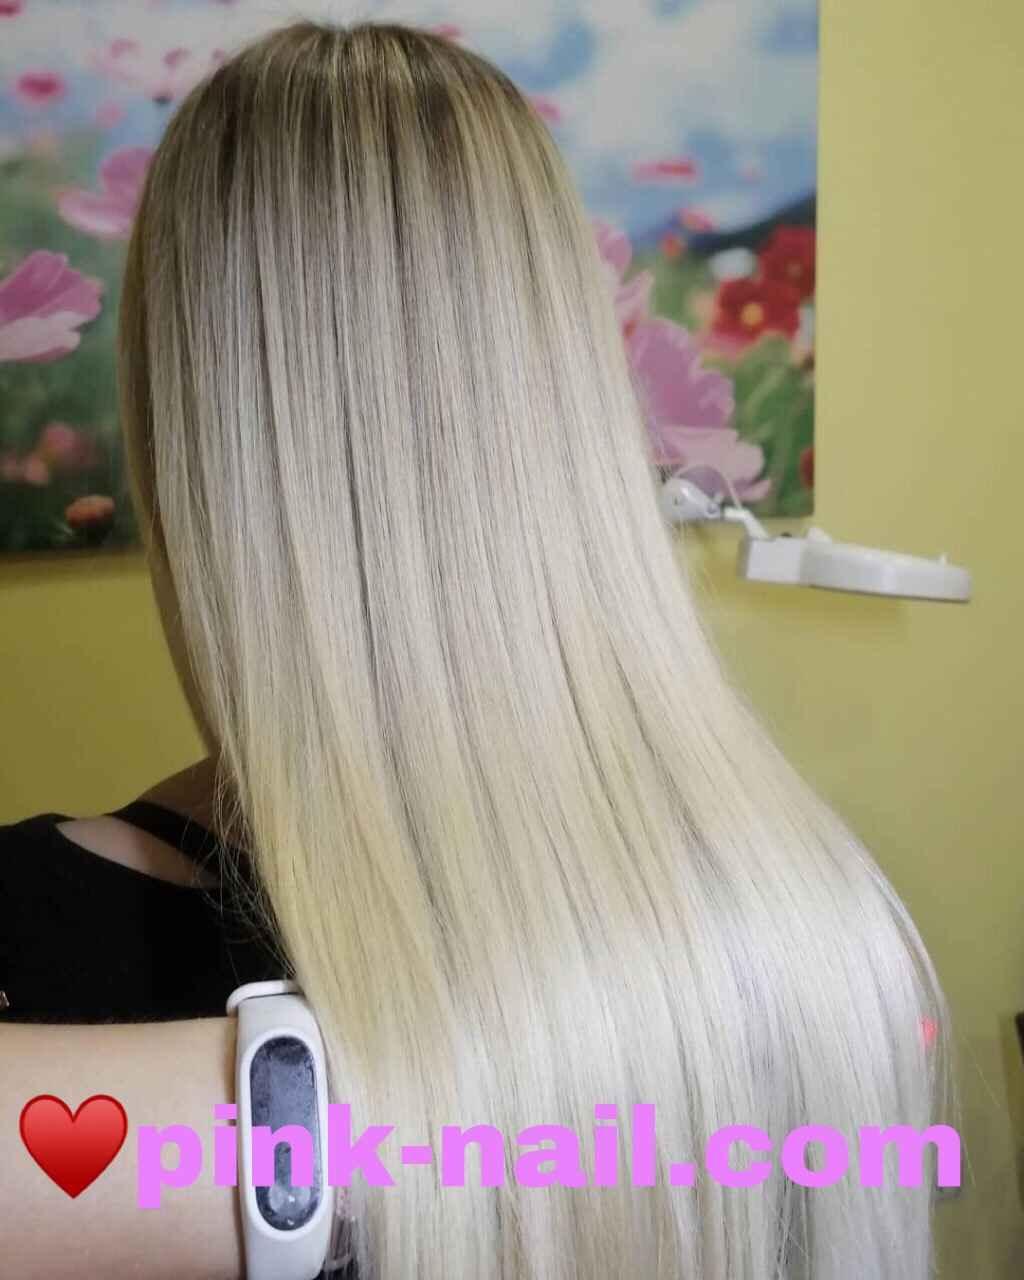 Окрашивание волос Минск airtouch Розовая пантера